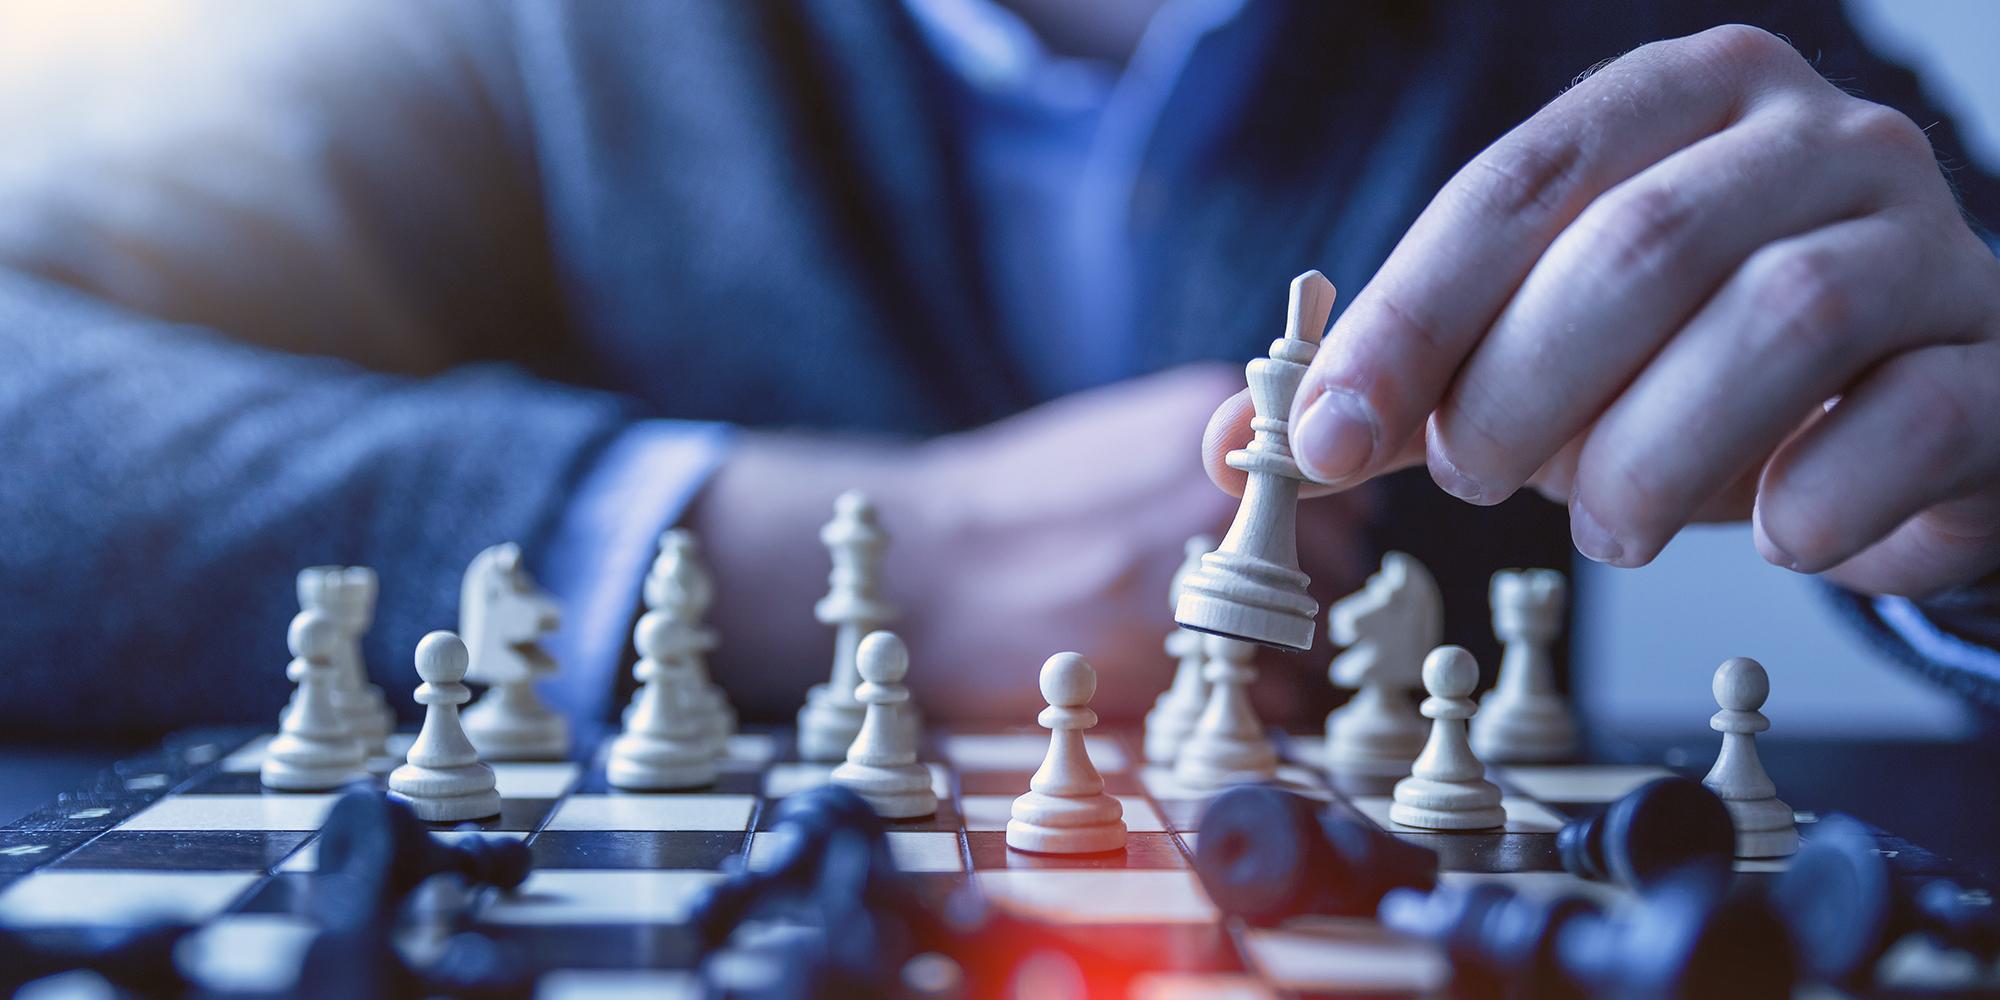 Schachspiel zur Verdeutlichung der Strategie